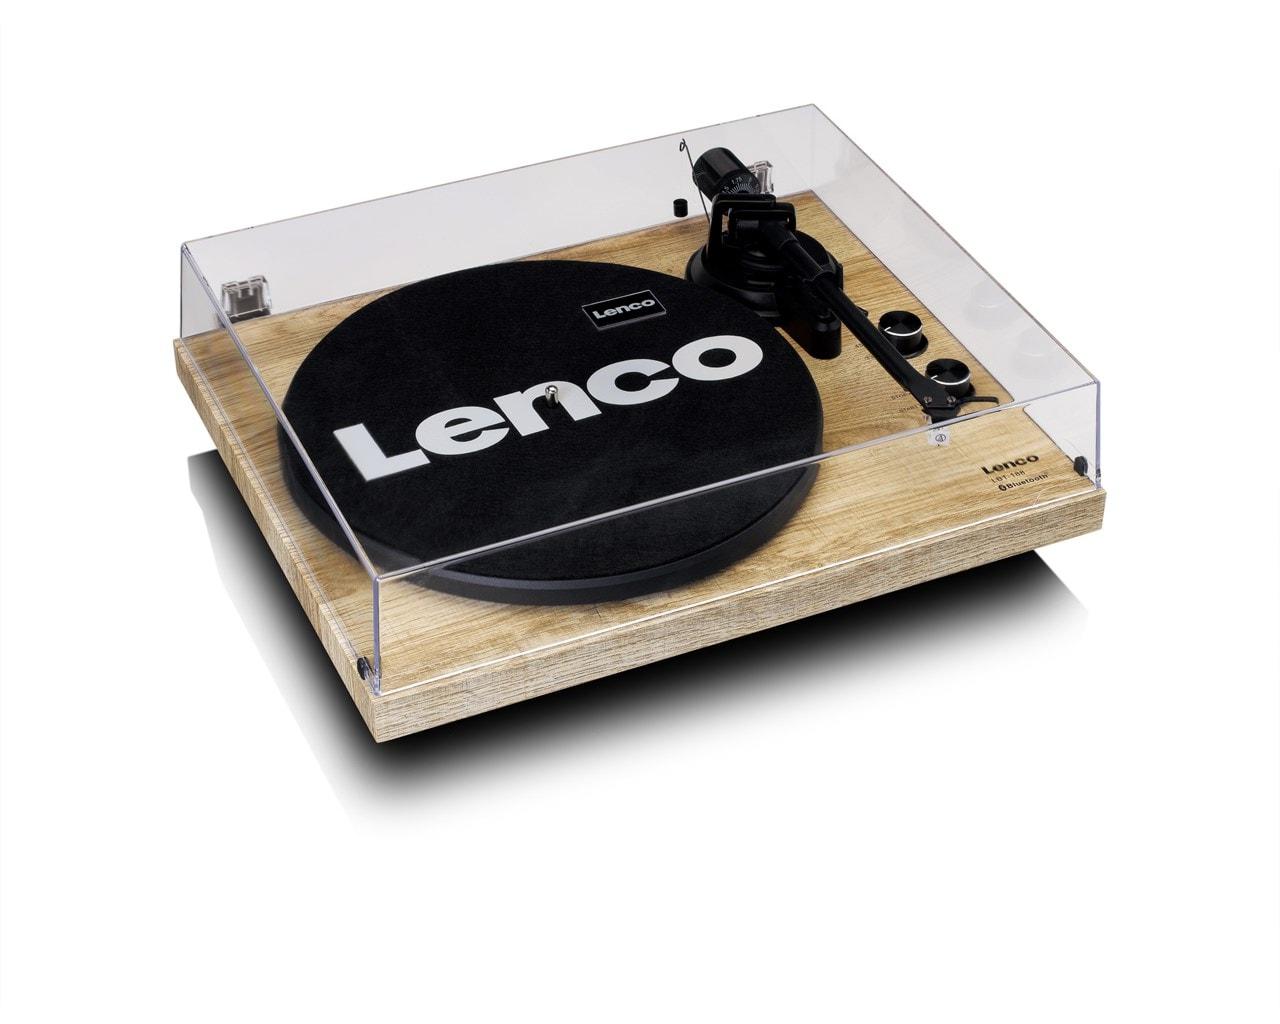 Lenco LBT-188 Pine Bluetooth Turntable - 3